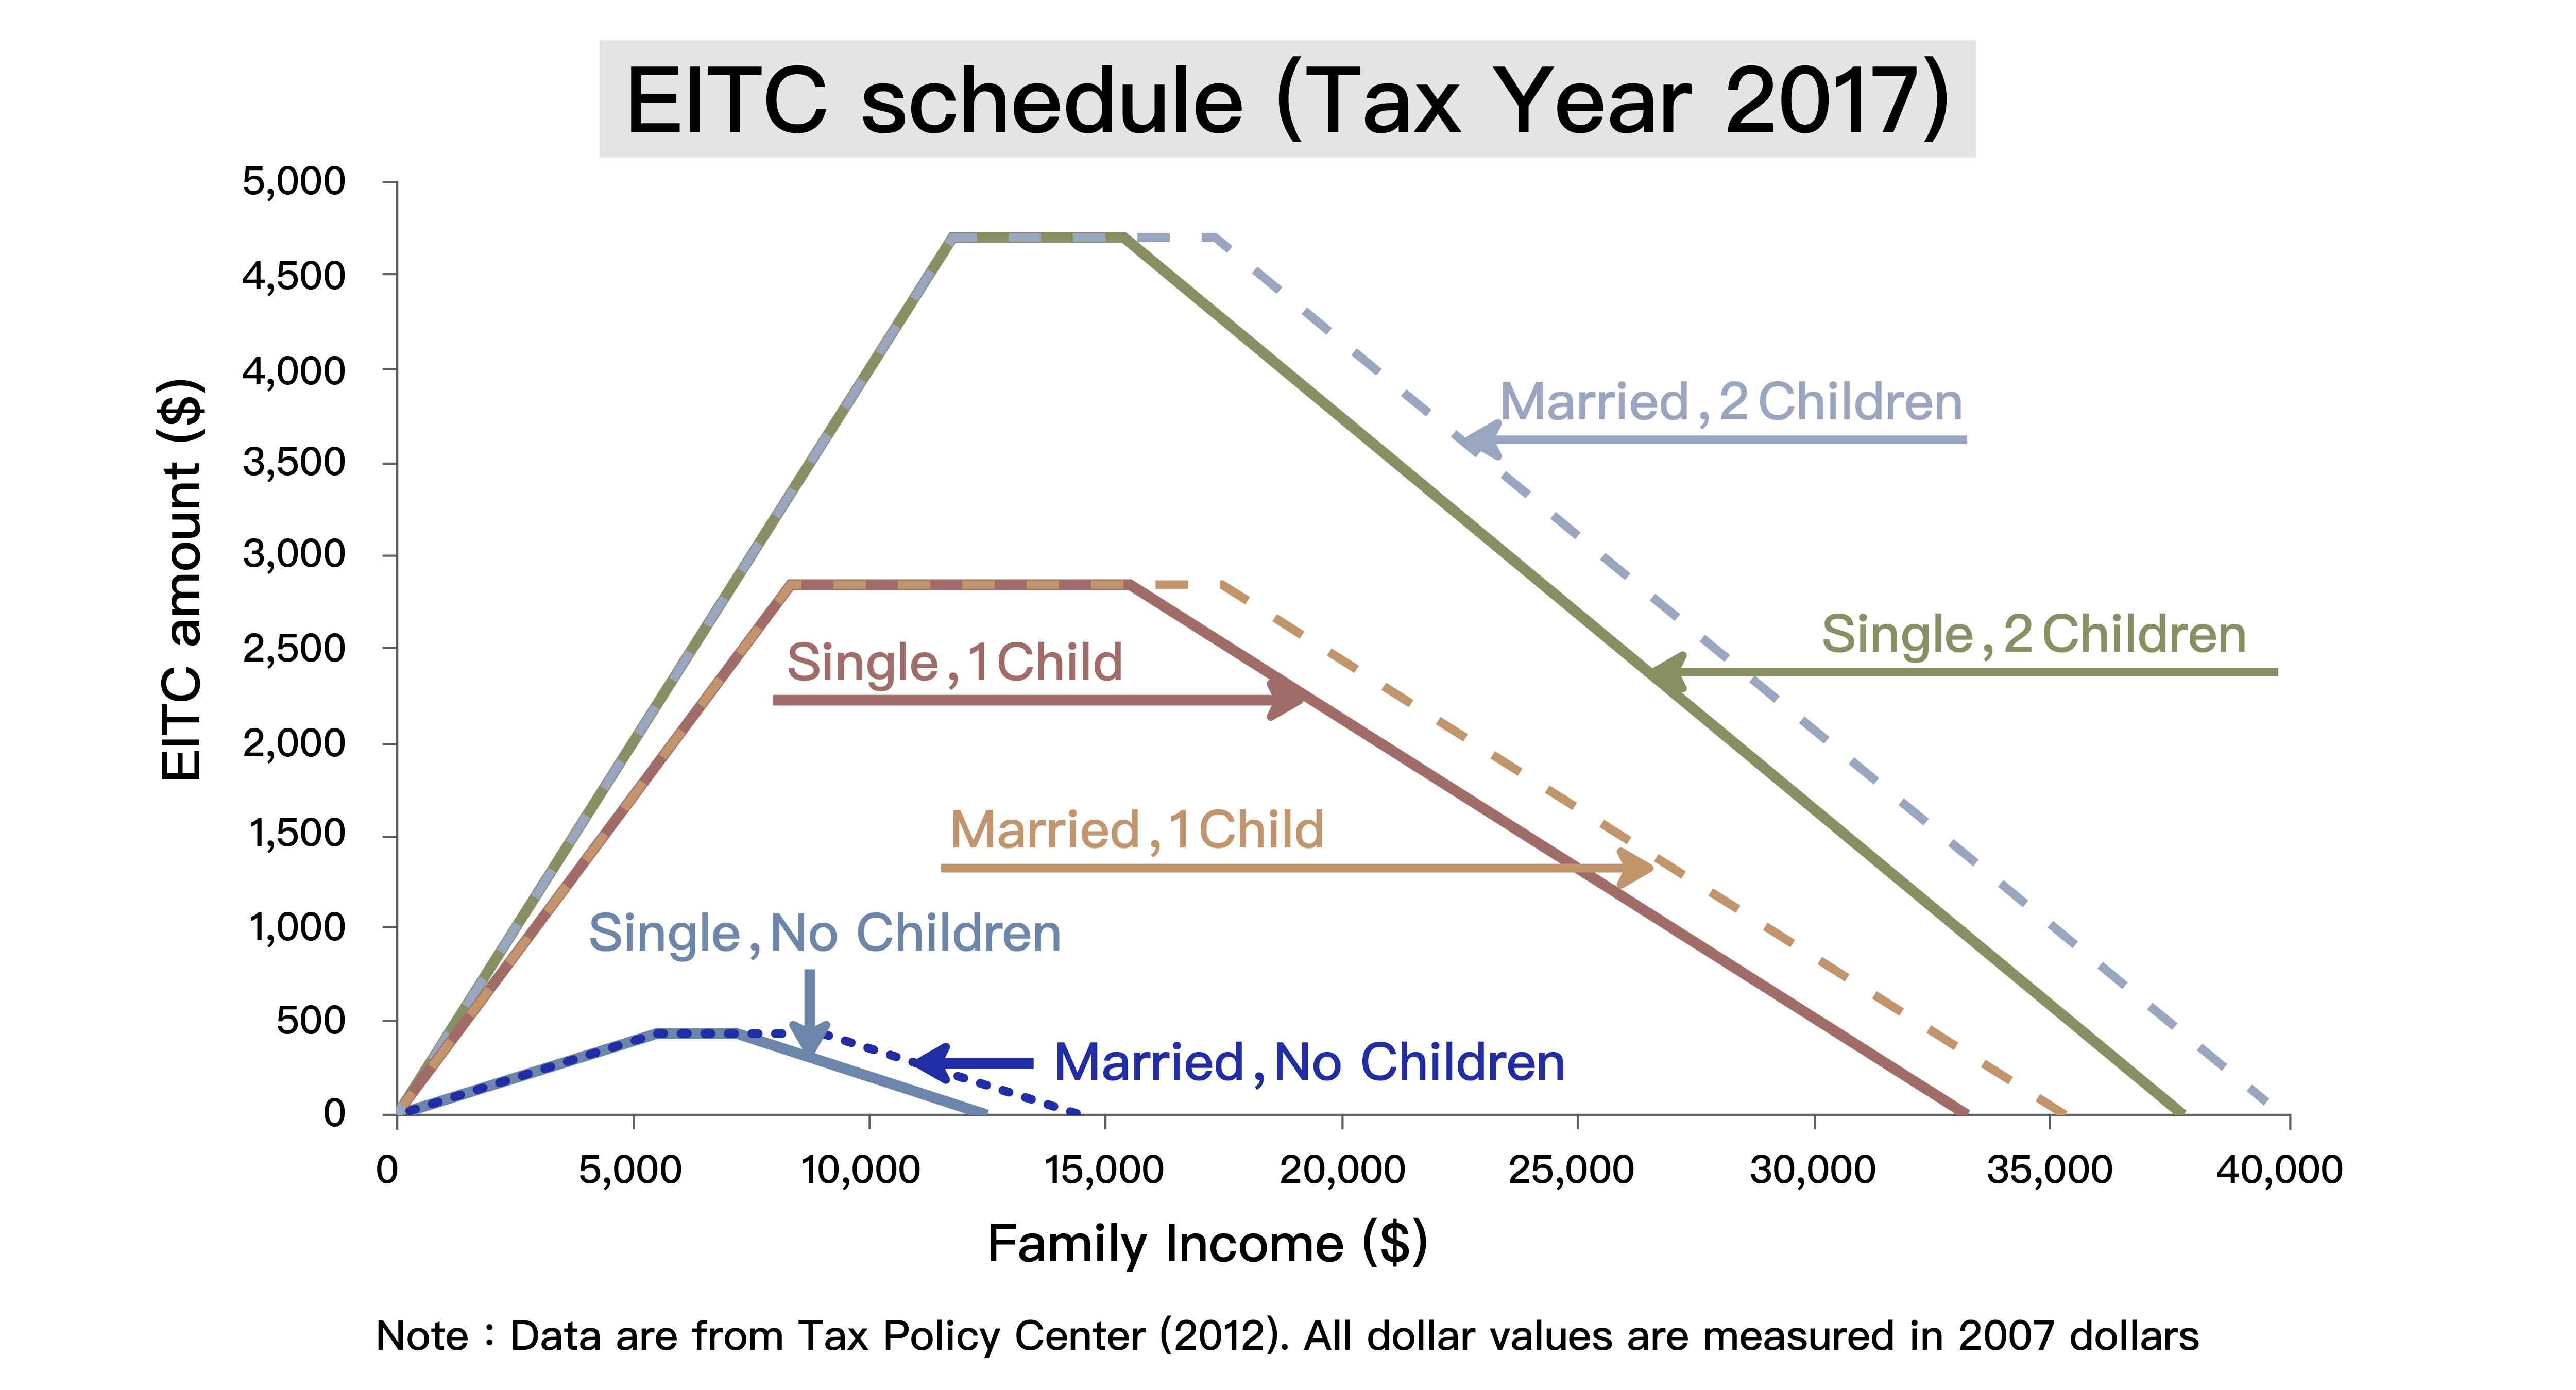 根據美國 2007 年 EITC 資料所繪製的圖表。只要有工作收入的家庭就可以領到補貼,補貼的金額,與工作收入、家庭狀況、子女數量有關。圖│Family Labor Supply and the Timing of Cash Transfers: Evidence from the Earned Income Tax Credit (Online Appendix), Journal of Human Resources, forthcoming